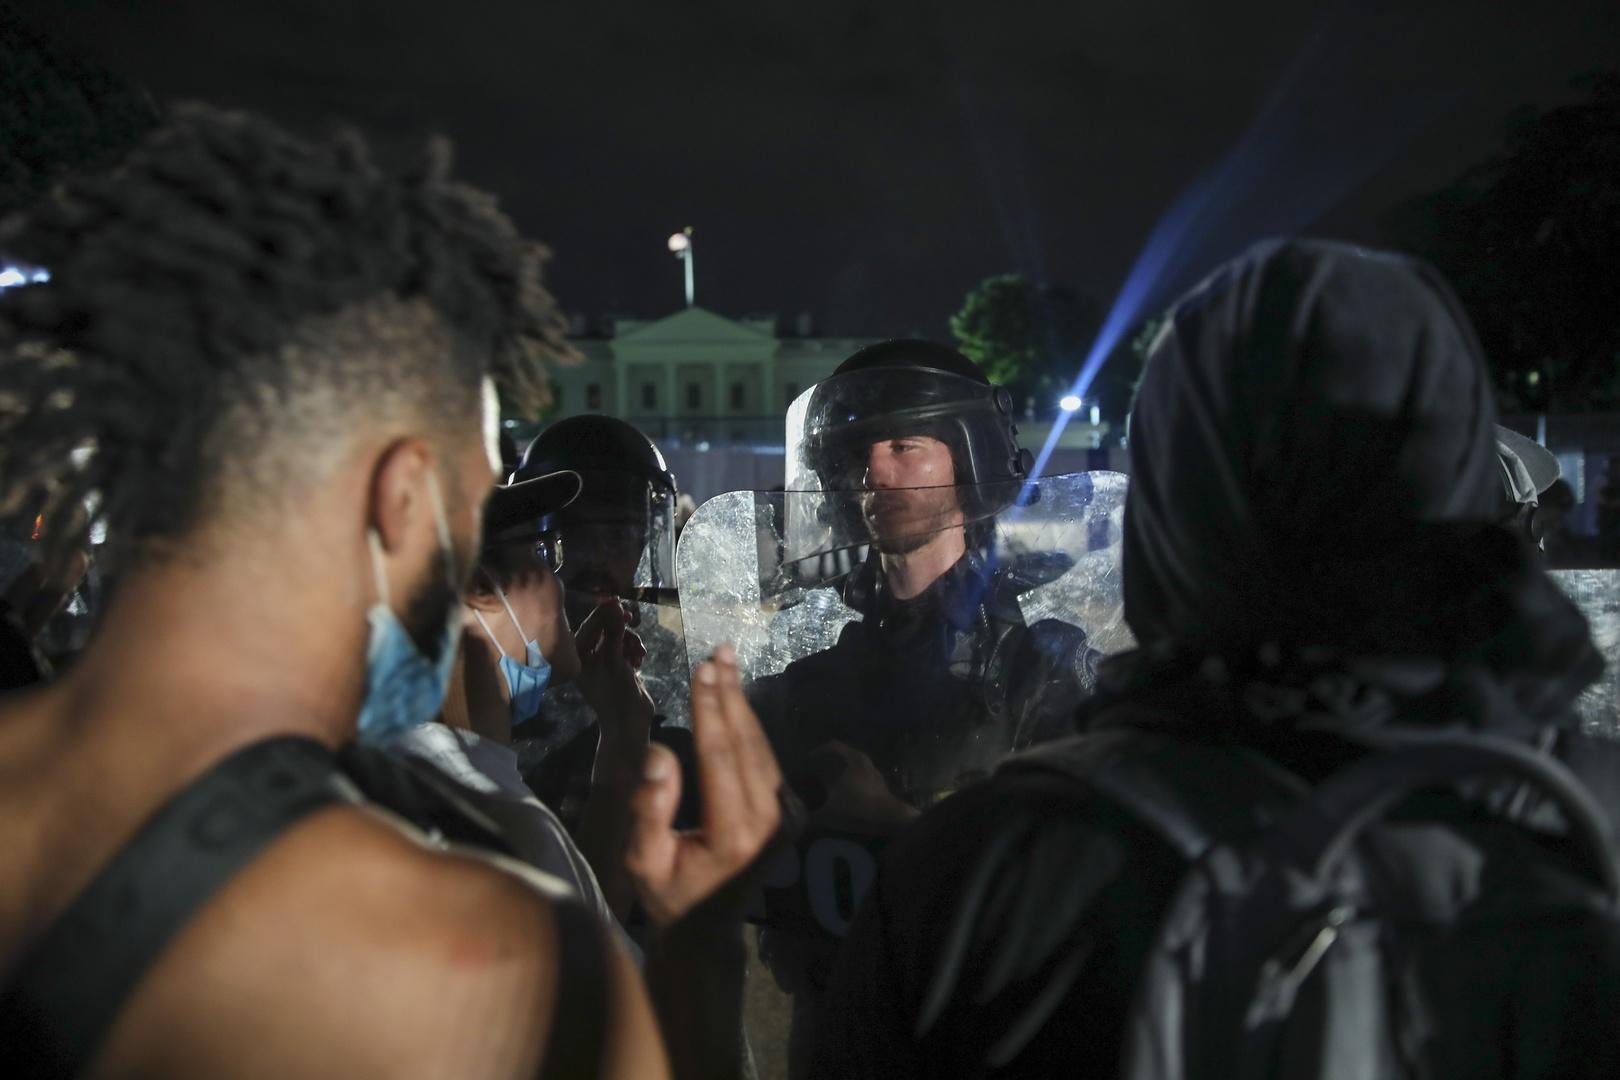 Décès de George Floyd : nombreuses manifestations aux Etats-Unis malgré l'inculpation d'un policier